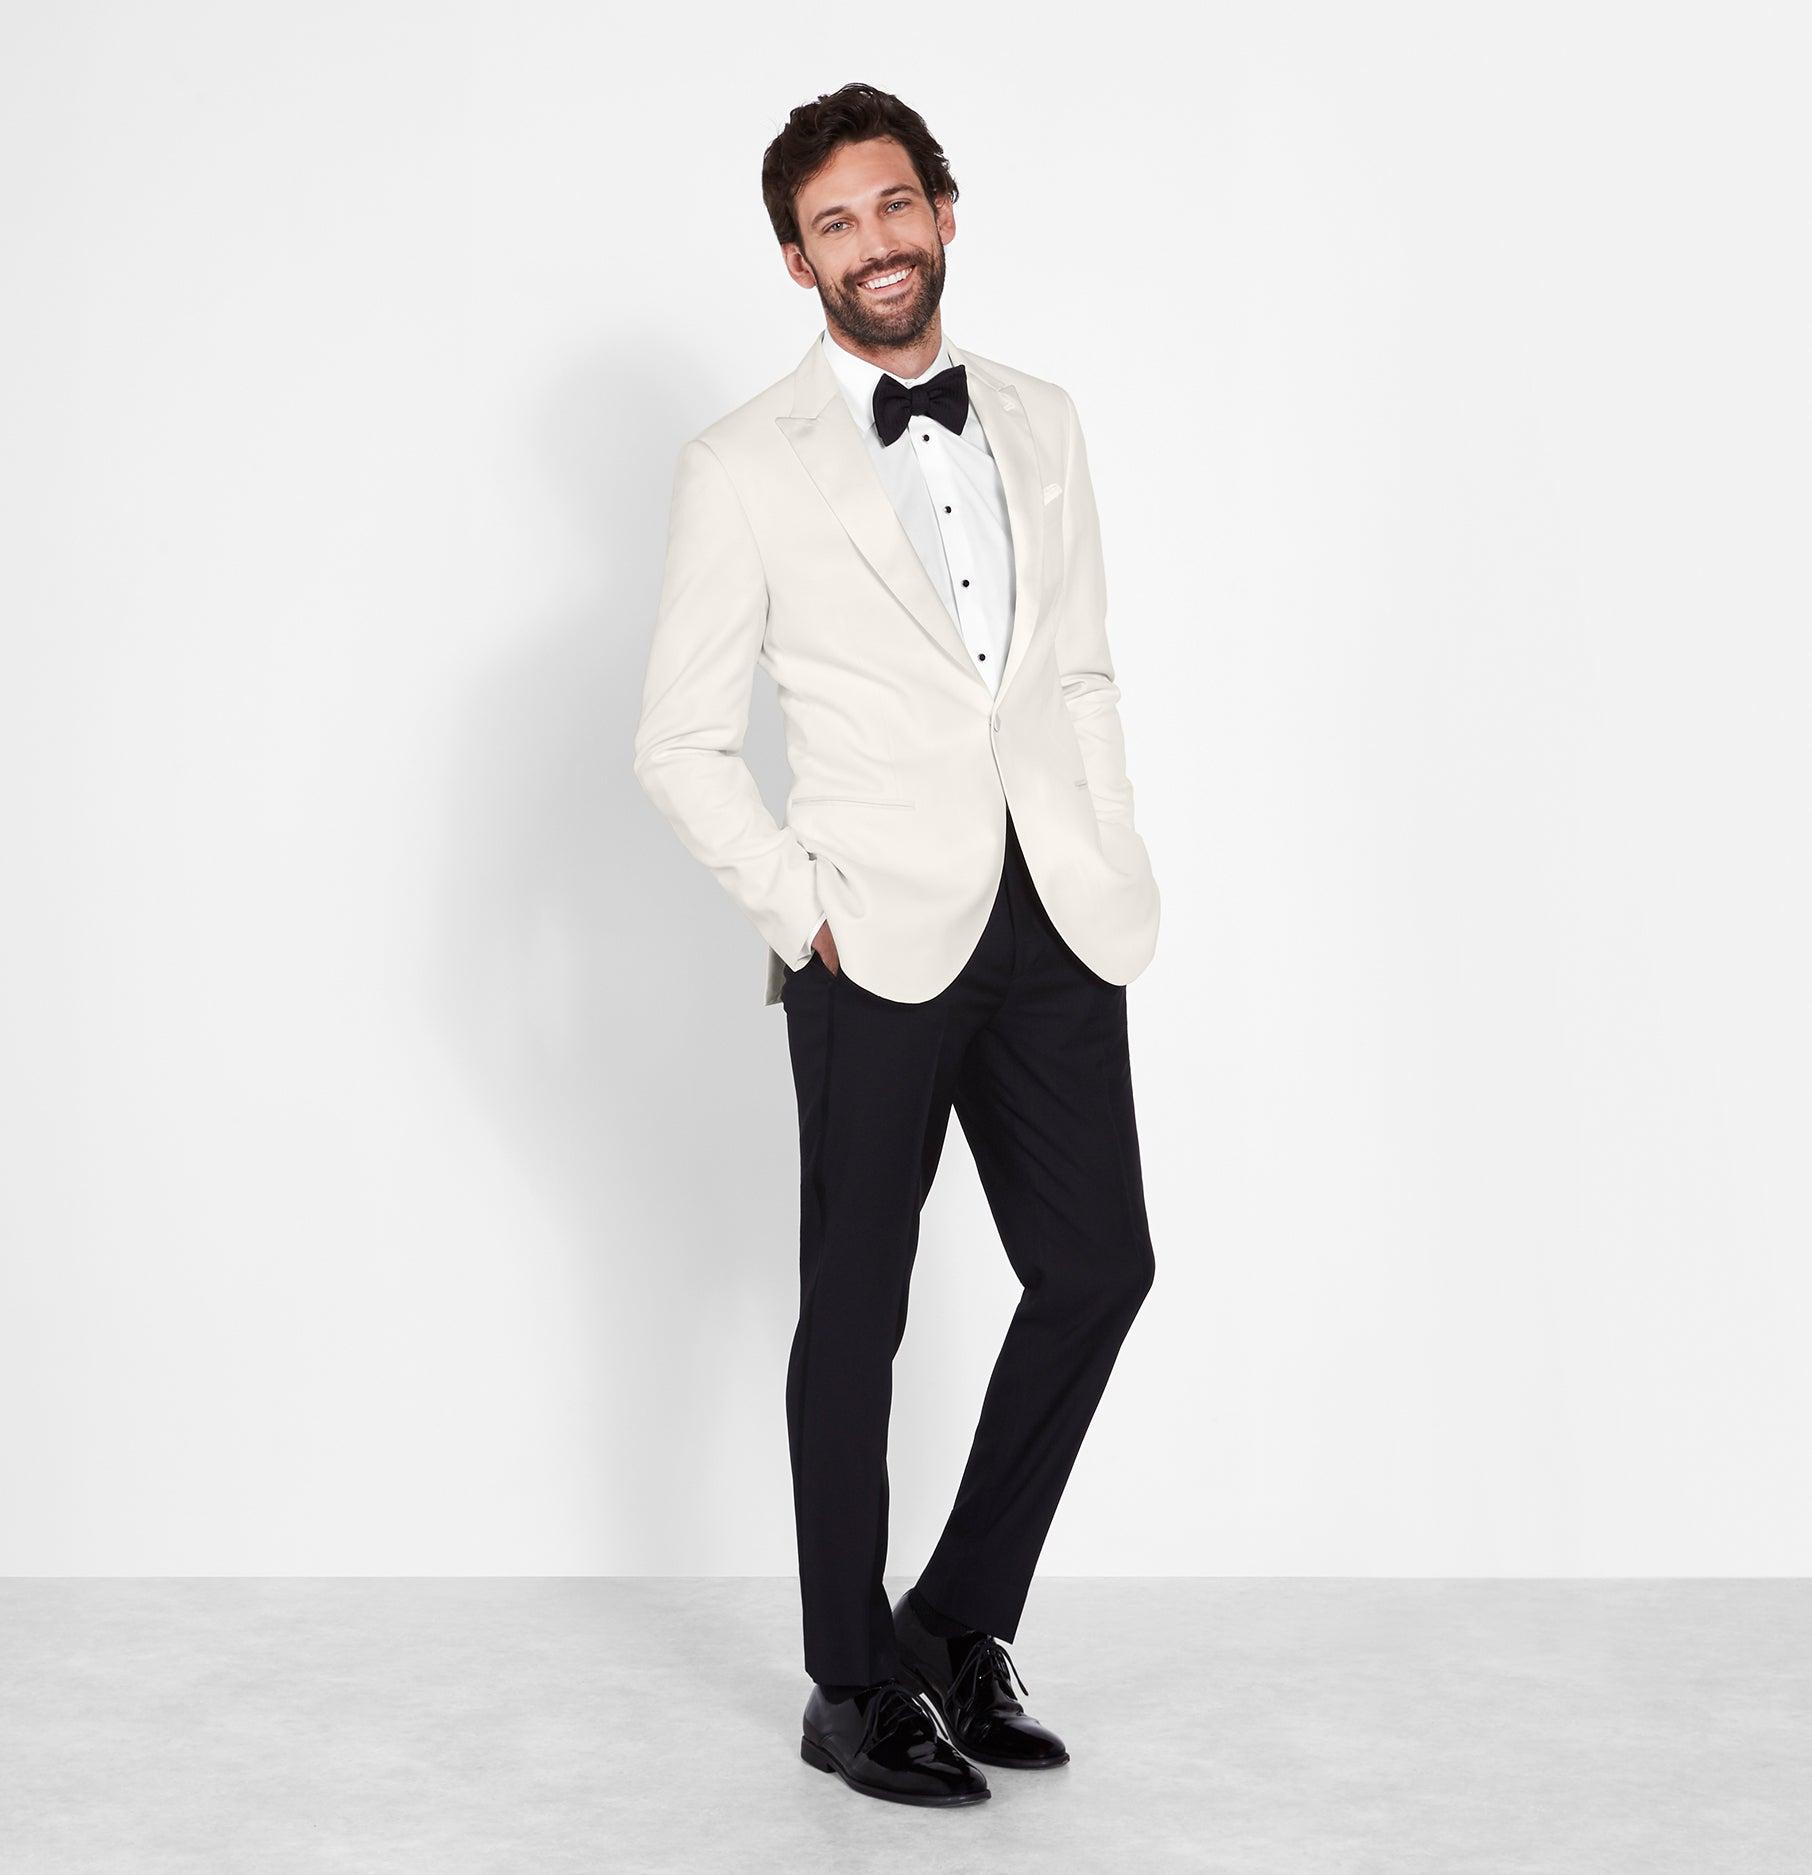 White Dinner Jacket Tuxedo